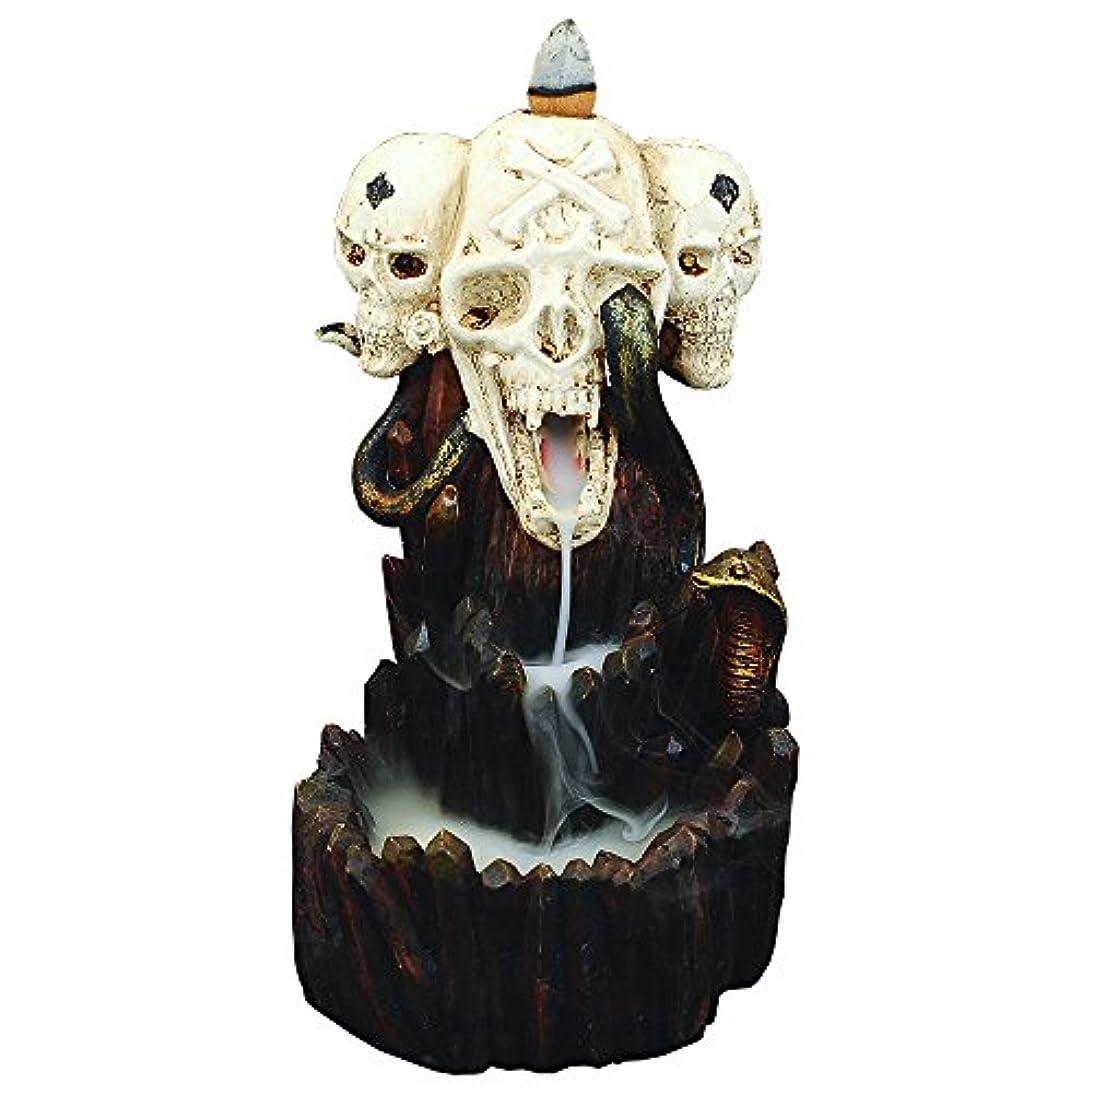 ペレグリネーション排出抑制するzingyou Skull Backflow Incense Burner、樹脂Incense Holder with Incense Cones – ハロウィーンゴーストヘッド、スカル M ブラック 14200705